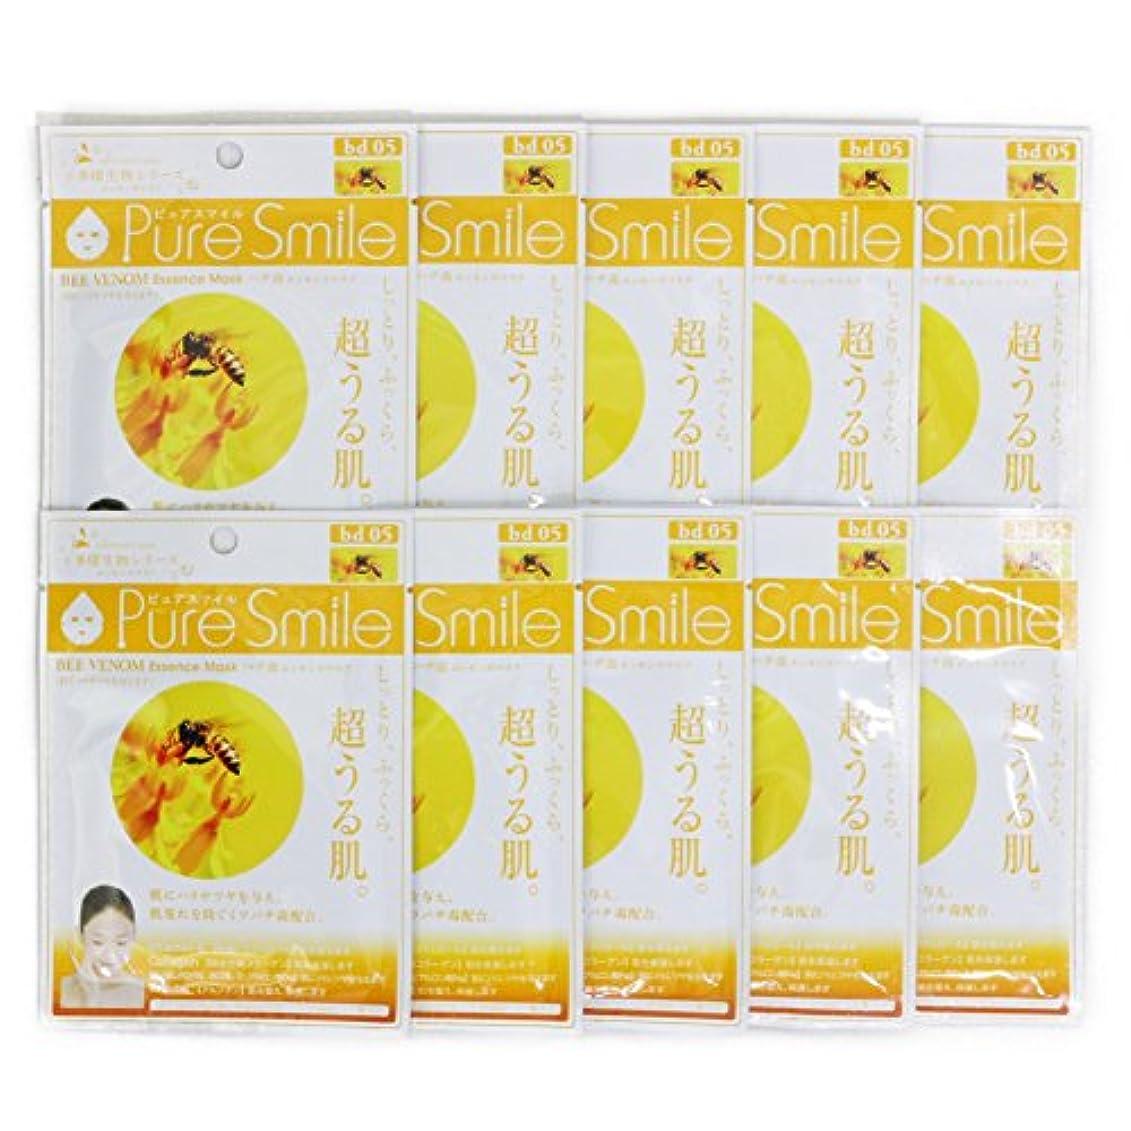 商品枕怠なPure Smile ピュアスマイル 多様生物エッセンスマスク ハチ毒 10枚セット